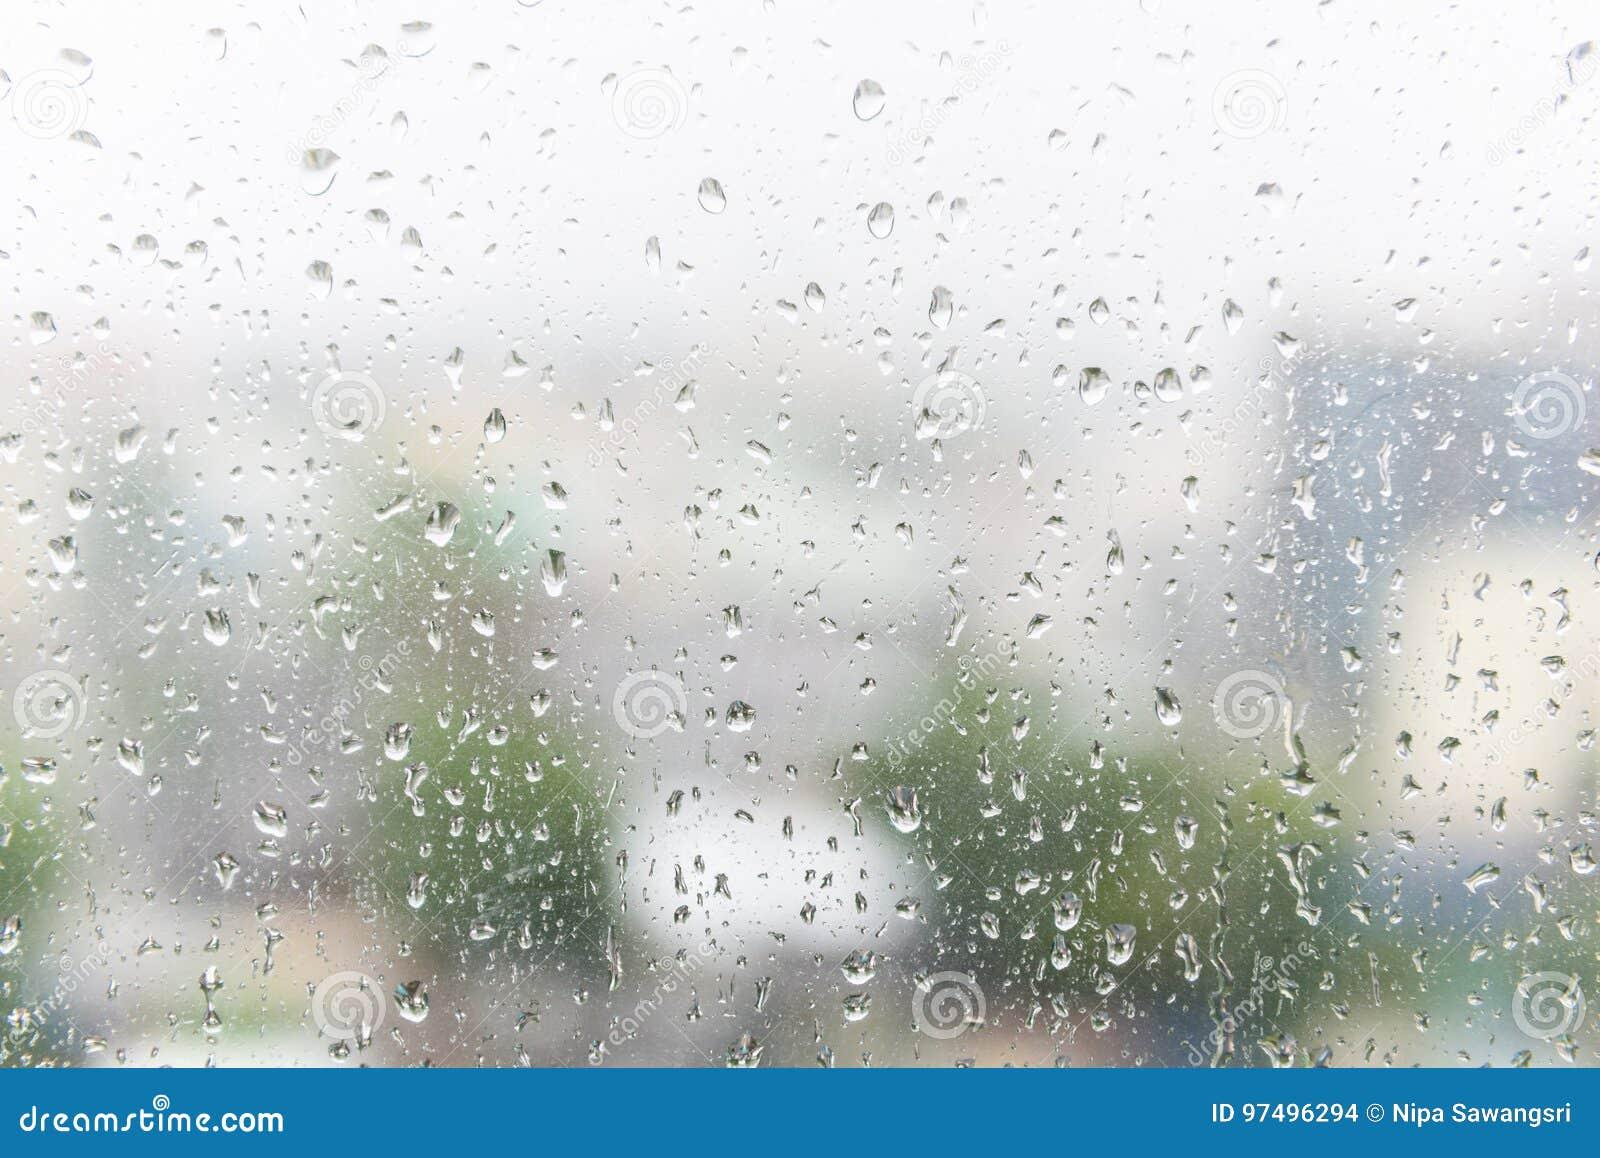 Gocce di pioggia sul vetro di finestra con fondo scuro